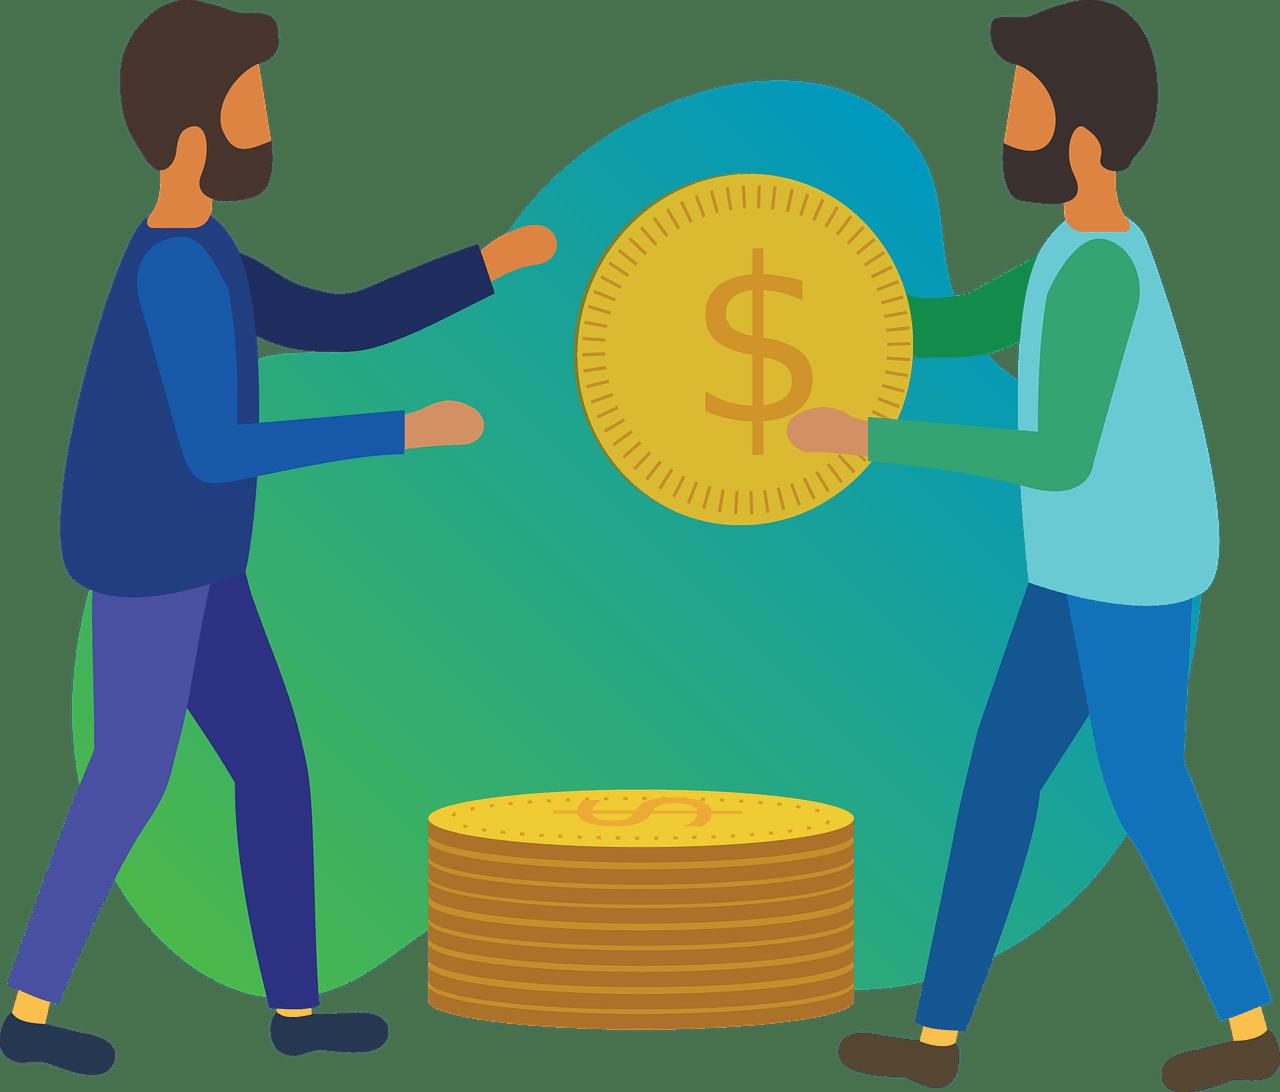 ilustração de dois homens, um entregando uma moeda ao outro